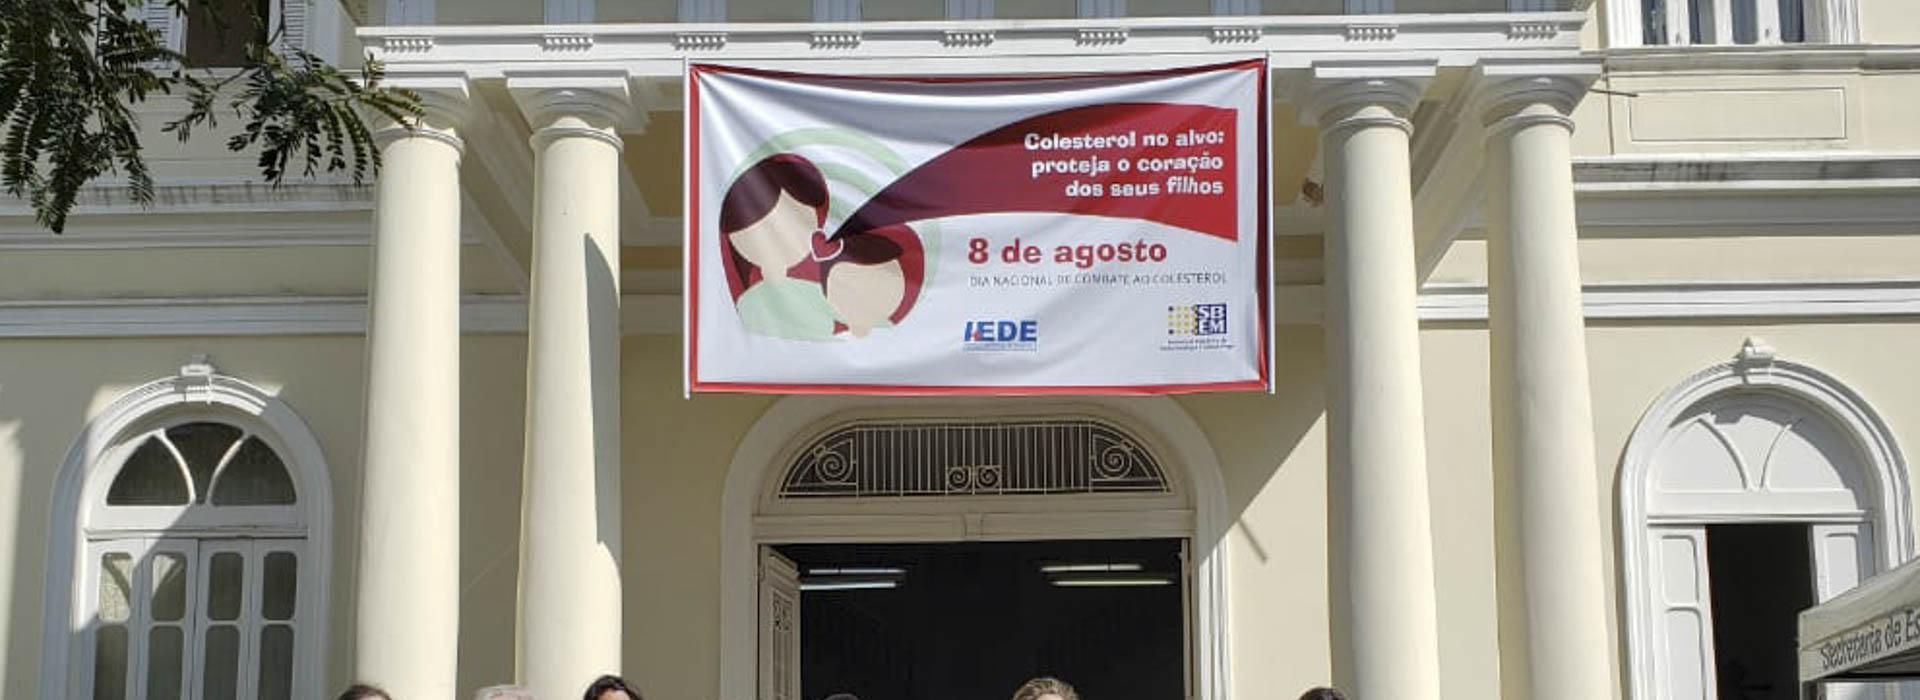 Campanha Colesterol: Ação no IEDE